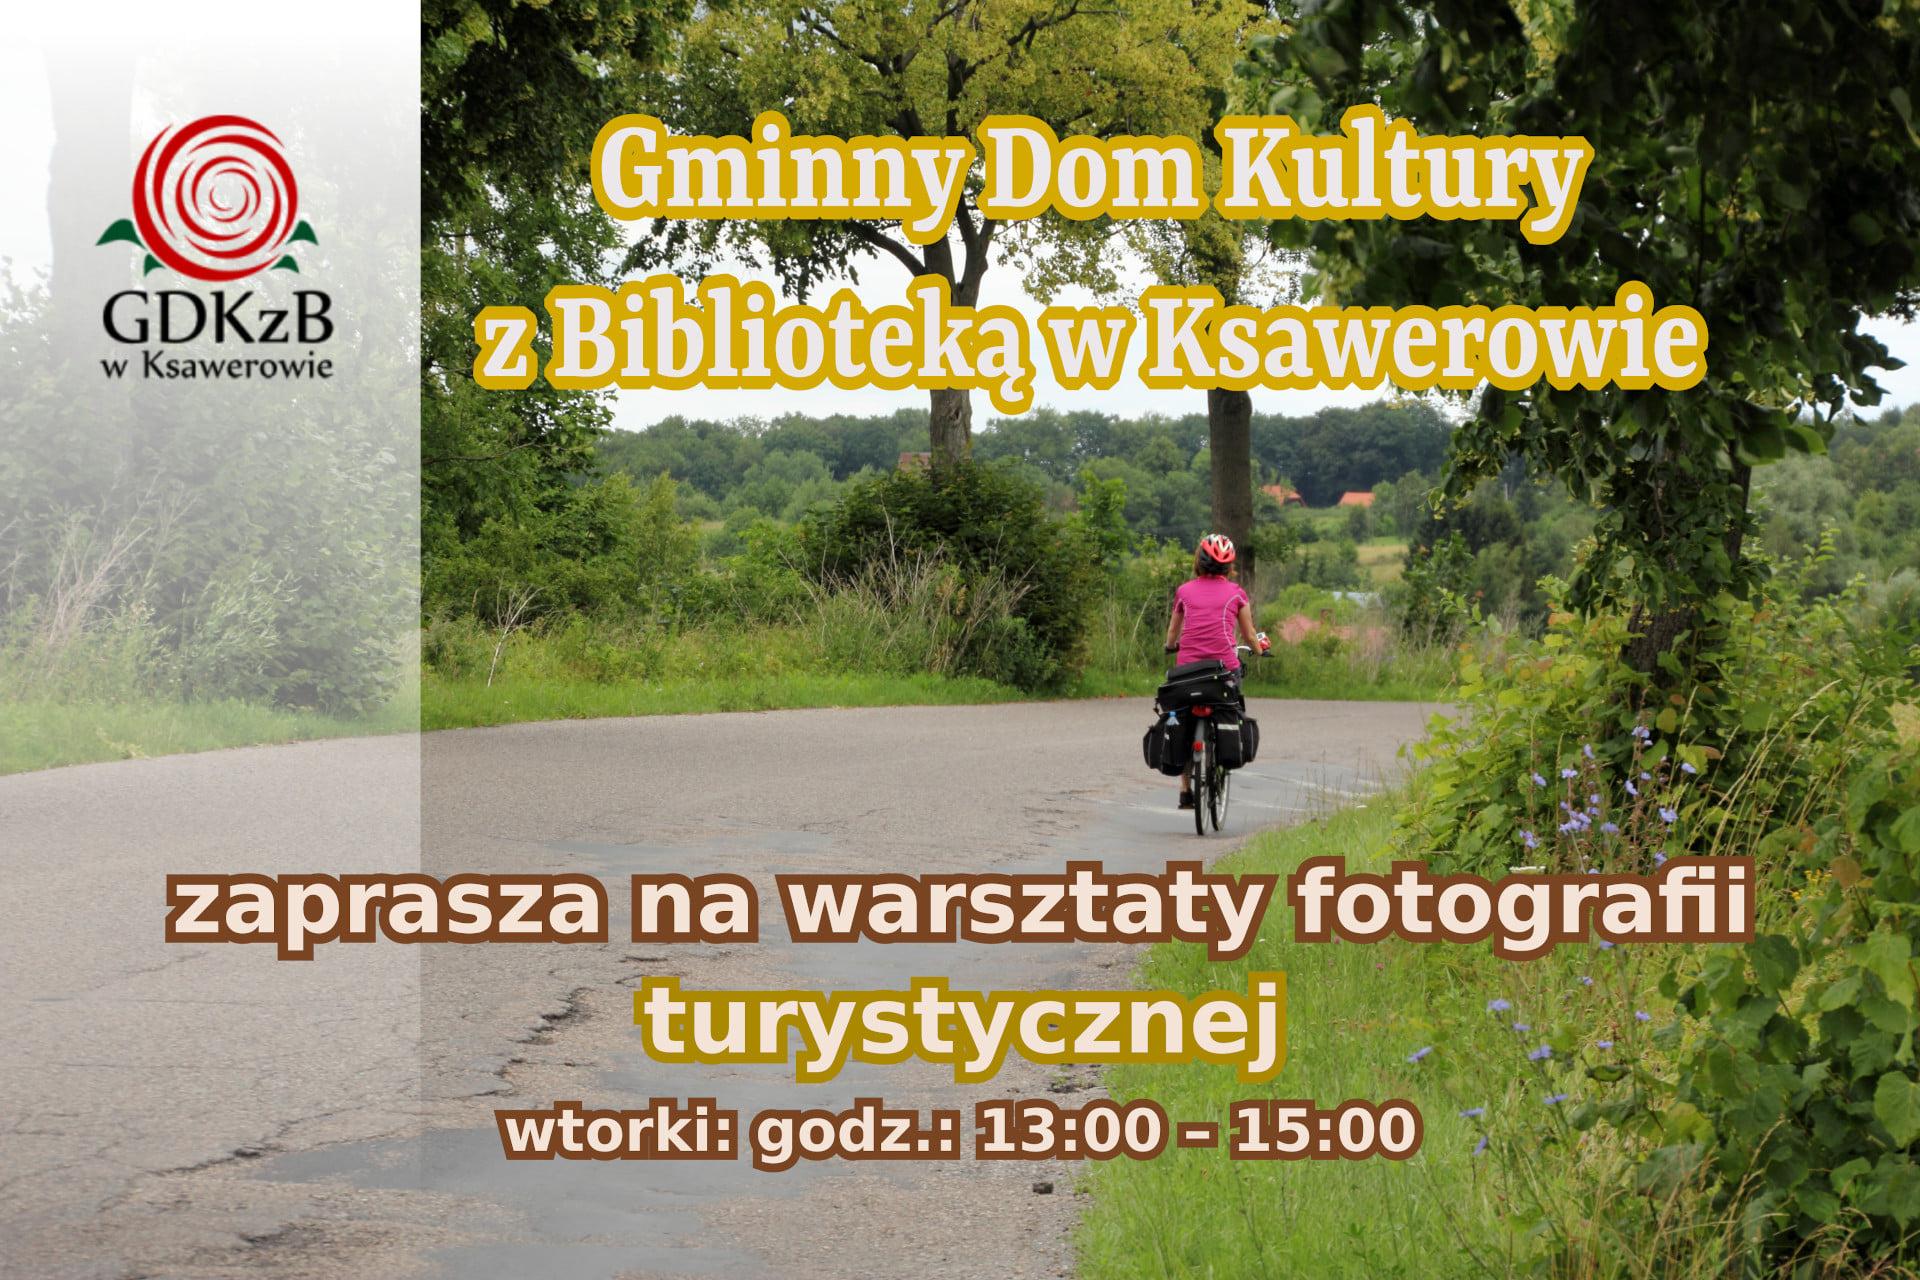 Gminny Dom Kultury z Biblioteką w Ksawerowie zaprasza na warsztaty fotografii turystycznej wtorki 13:00 - 15:00